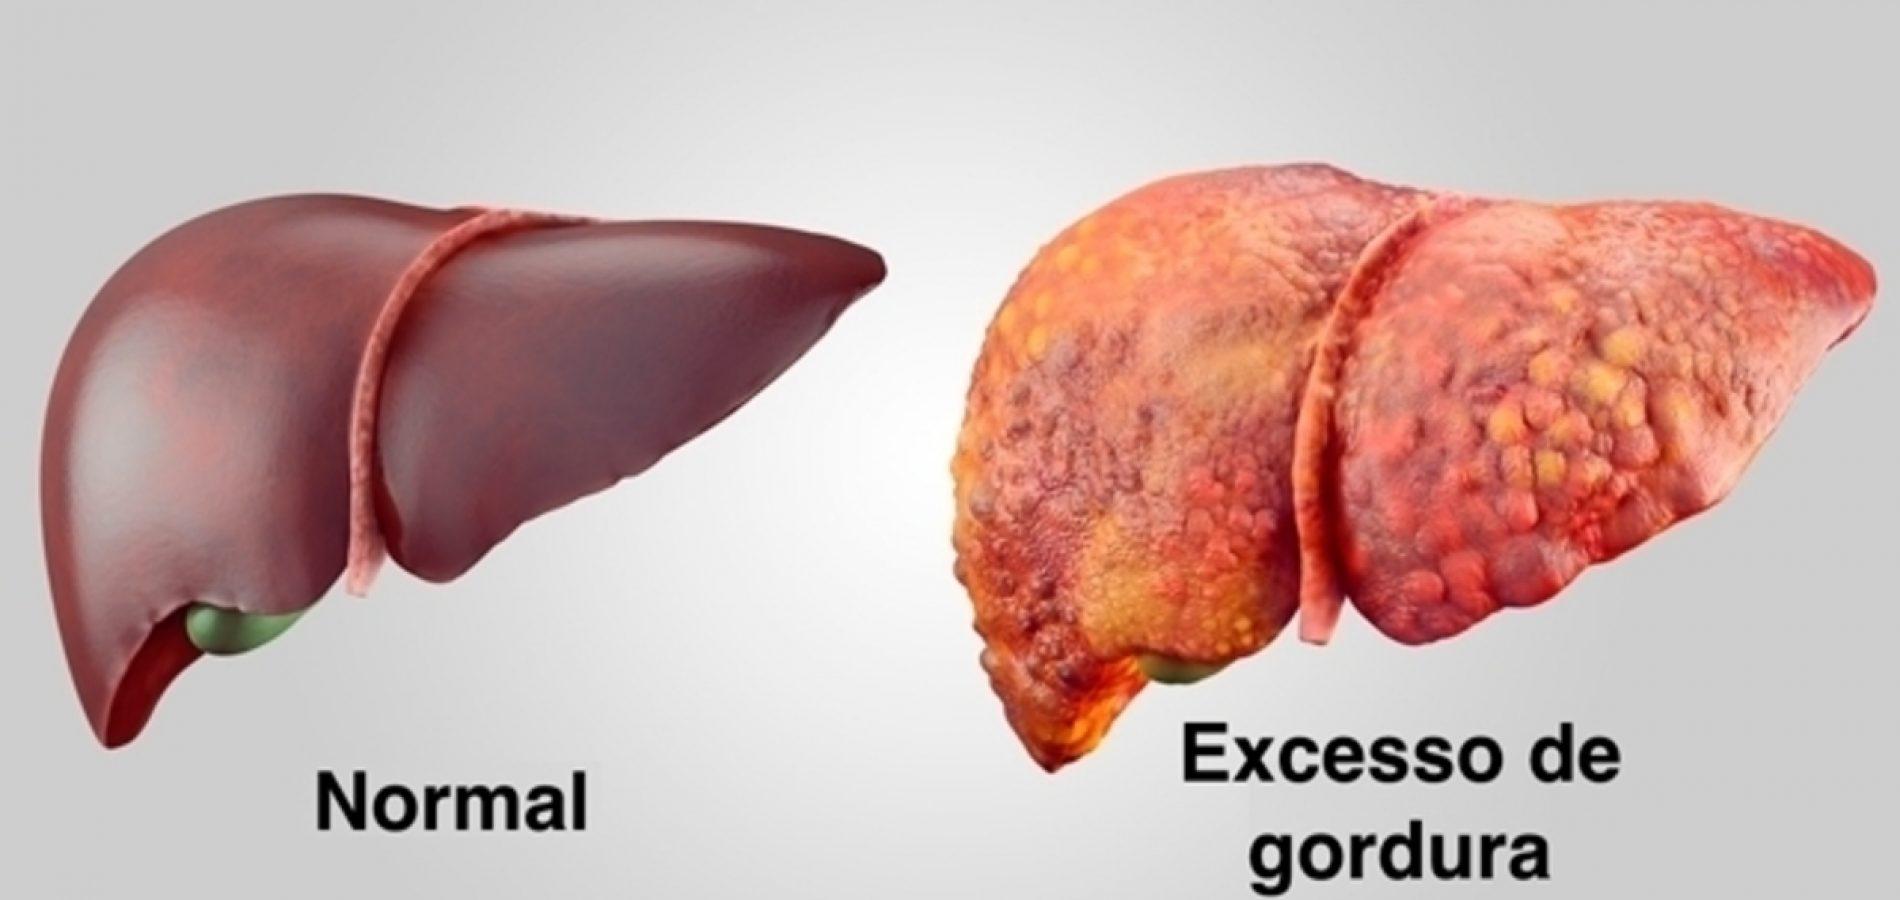 Veja como combater o excesso de gordura no fígado